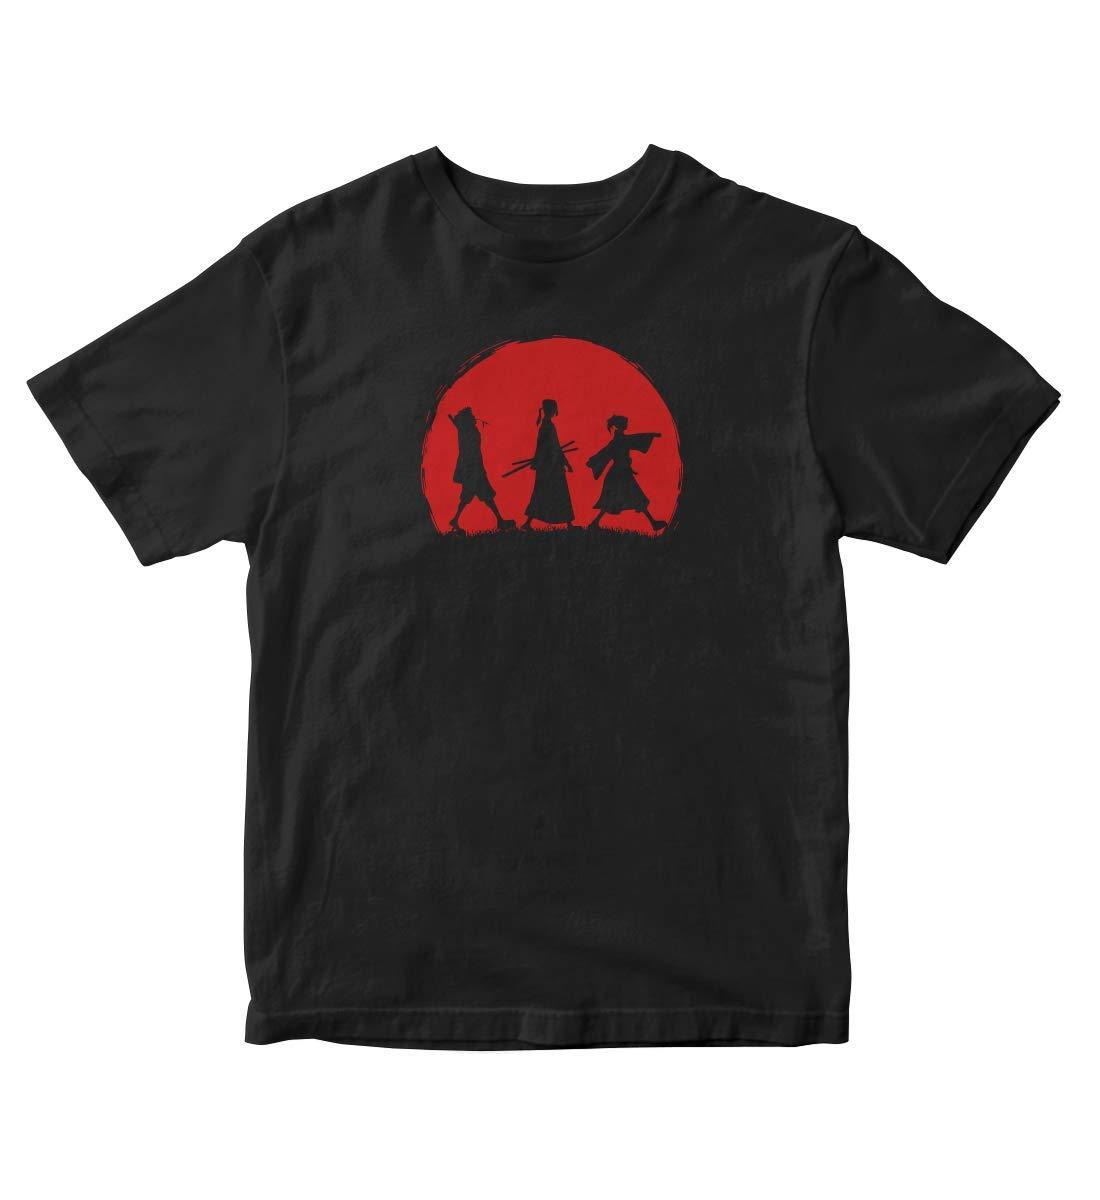 Samurai Champloo Samurai Sunset Anime Manga Black Shirt S A315